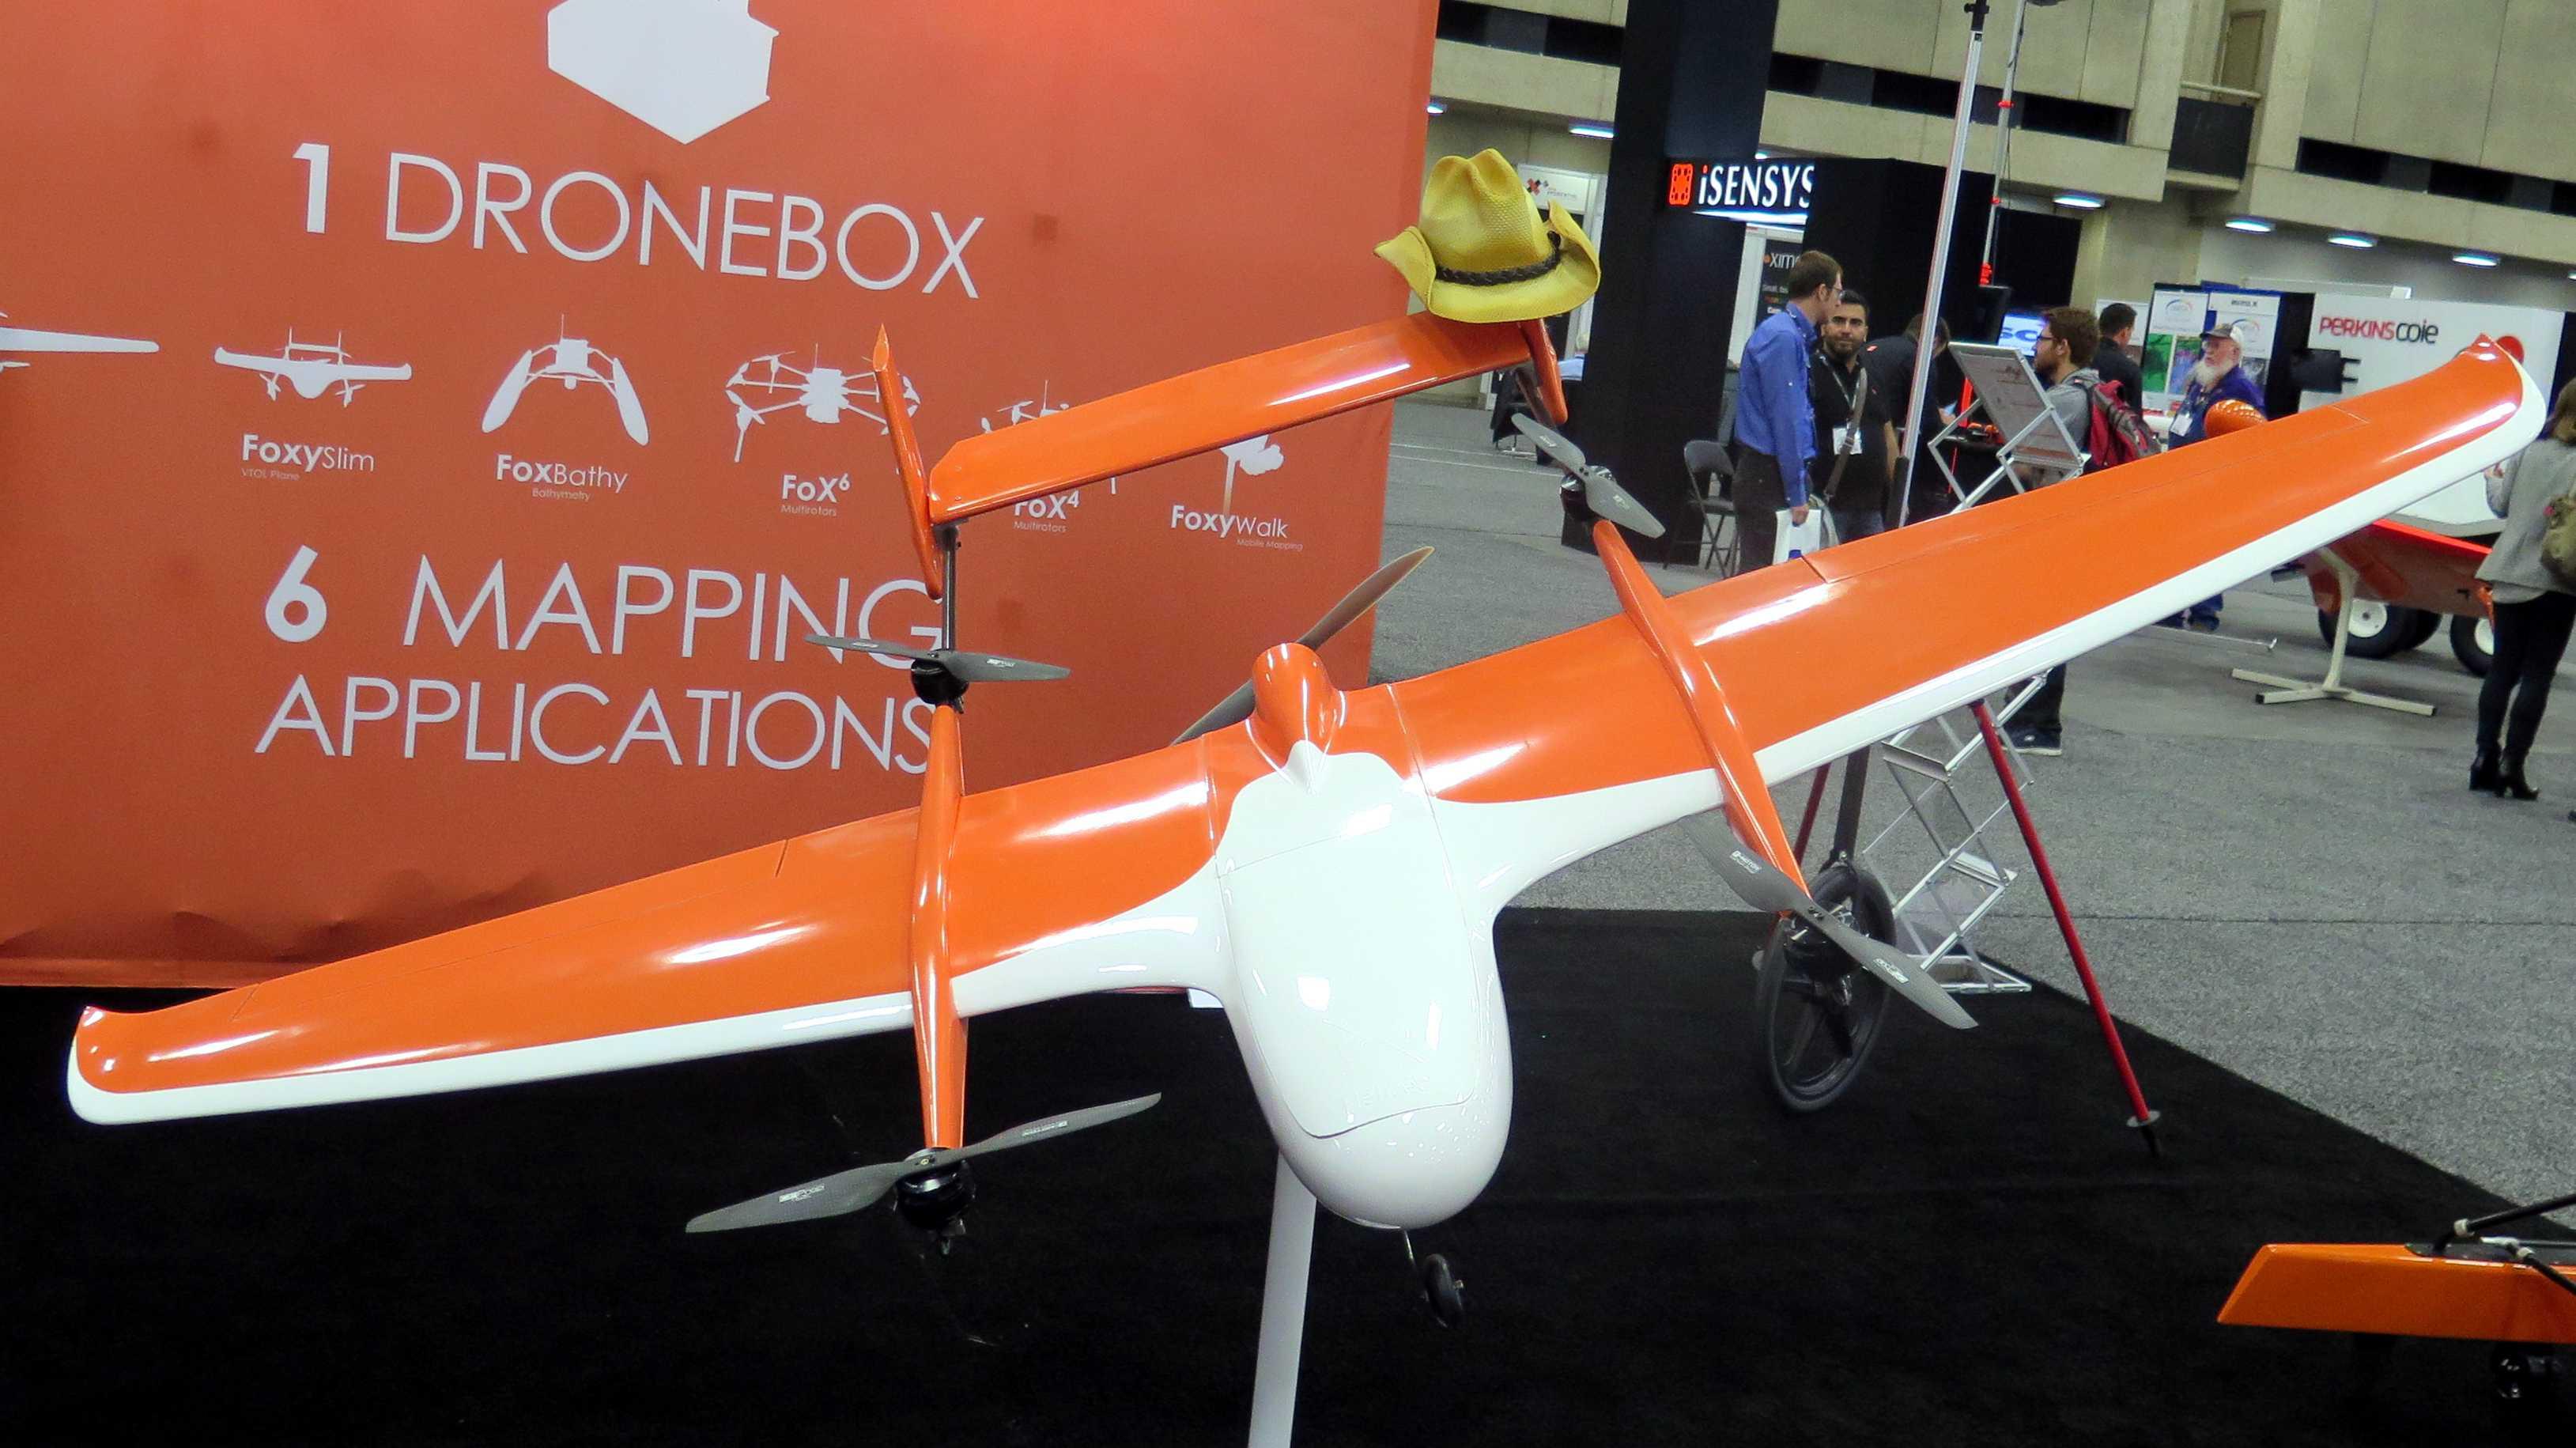 Orange-Weiße Flugdrohne mit einem aufgesetztem Hut steht auf einem Ständer